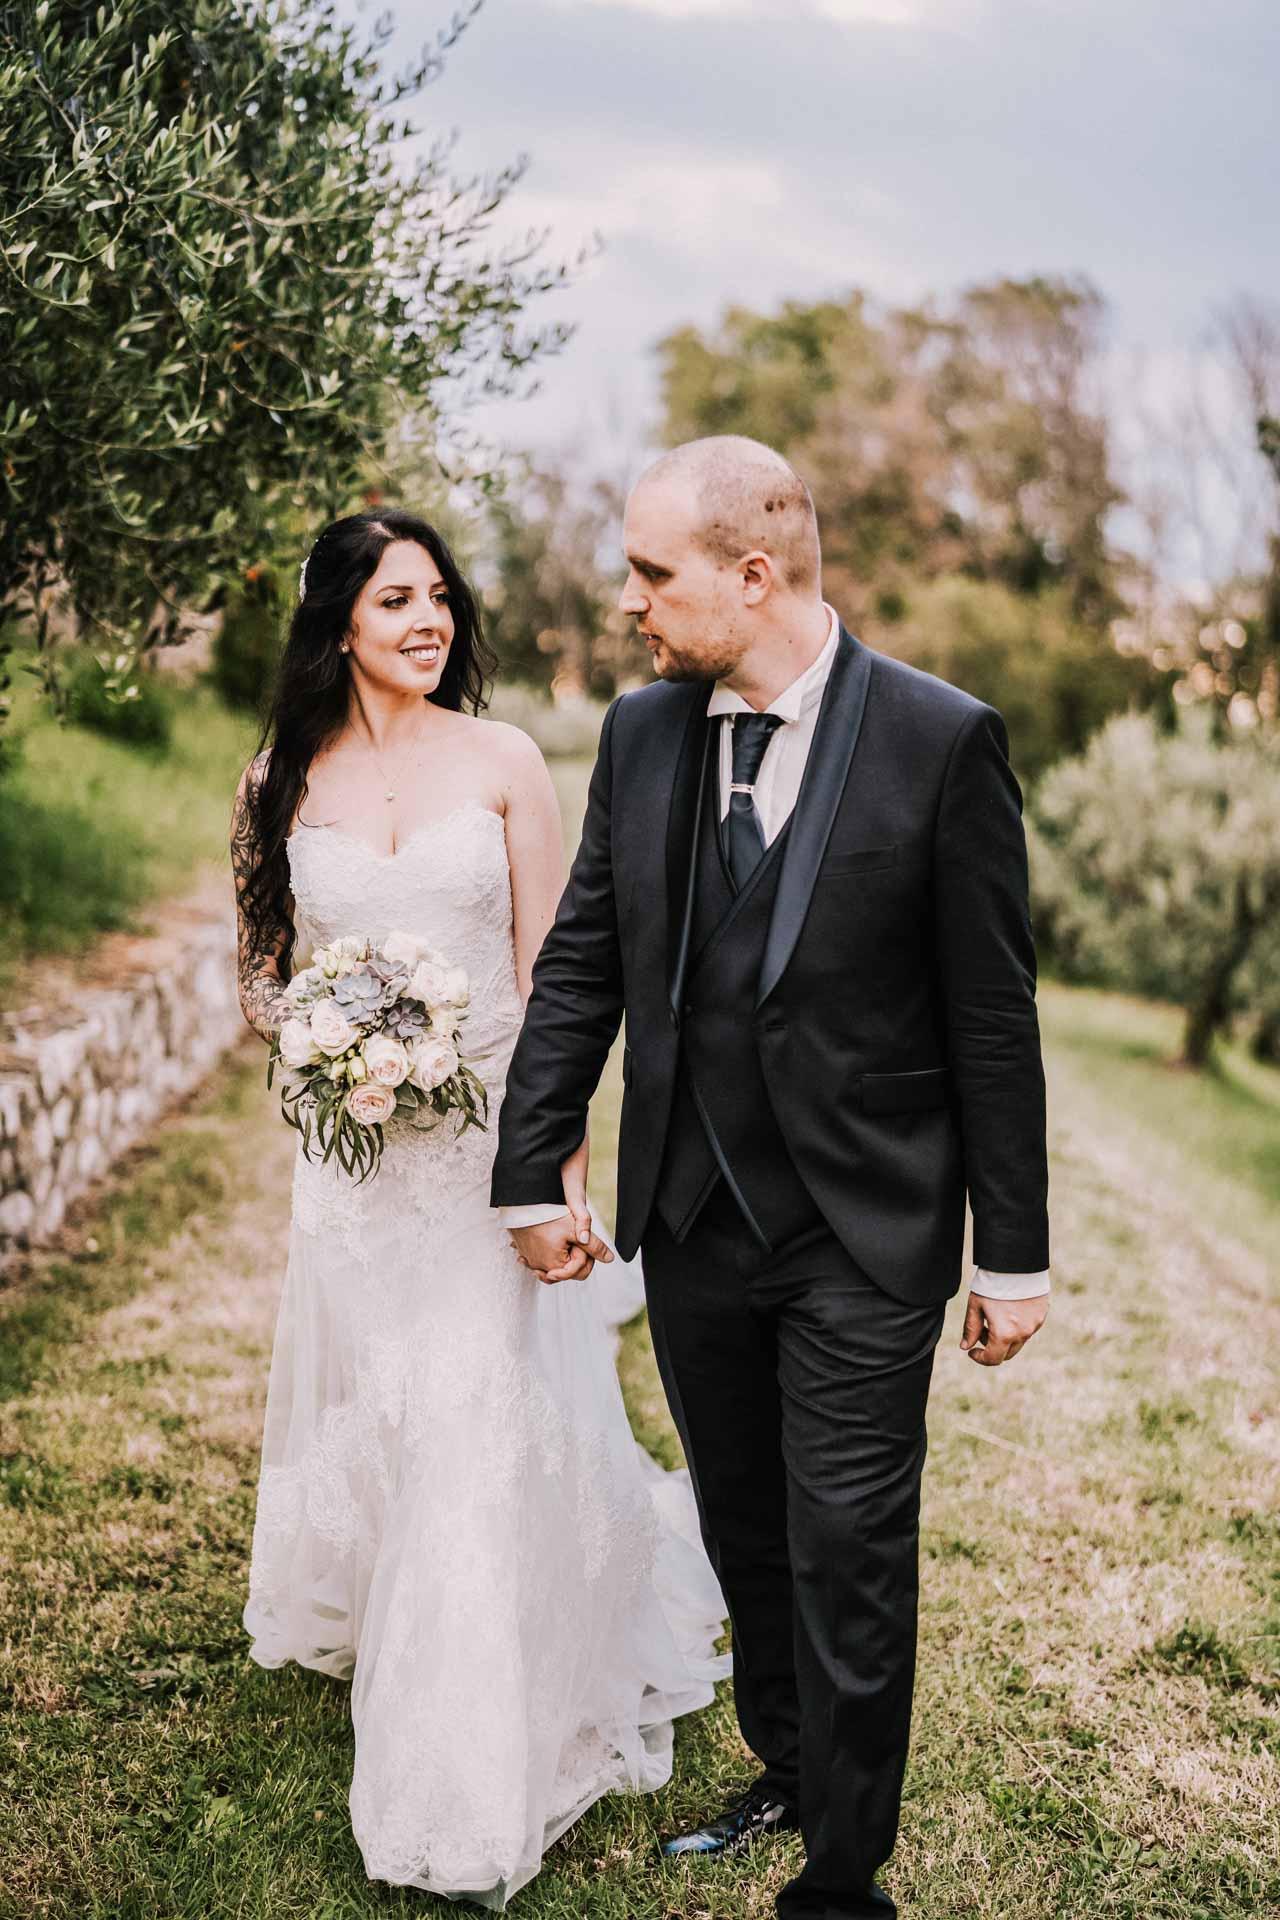 fotografo_matrimonio_pistoia_il_cerretino_47